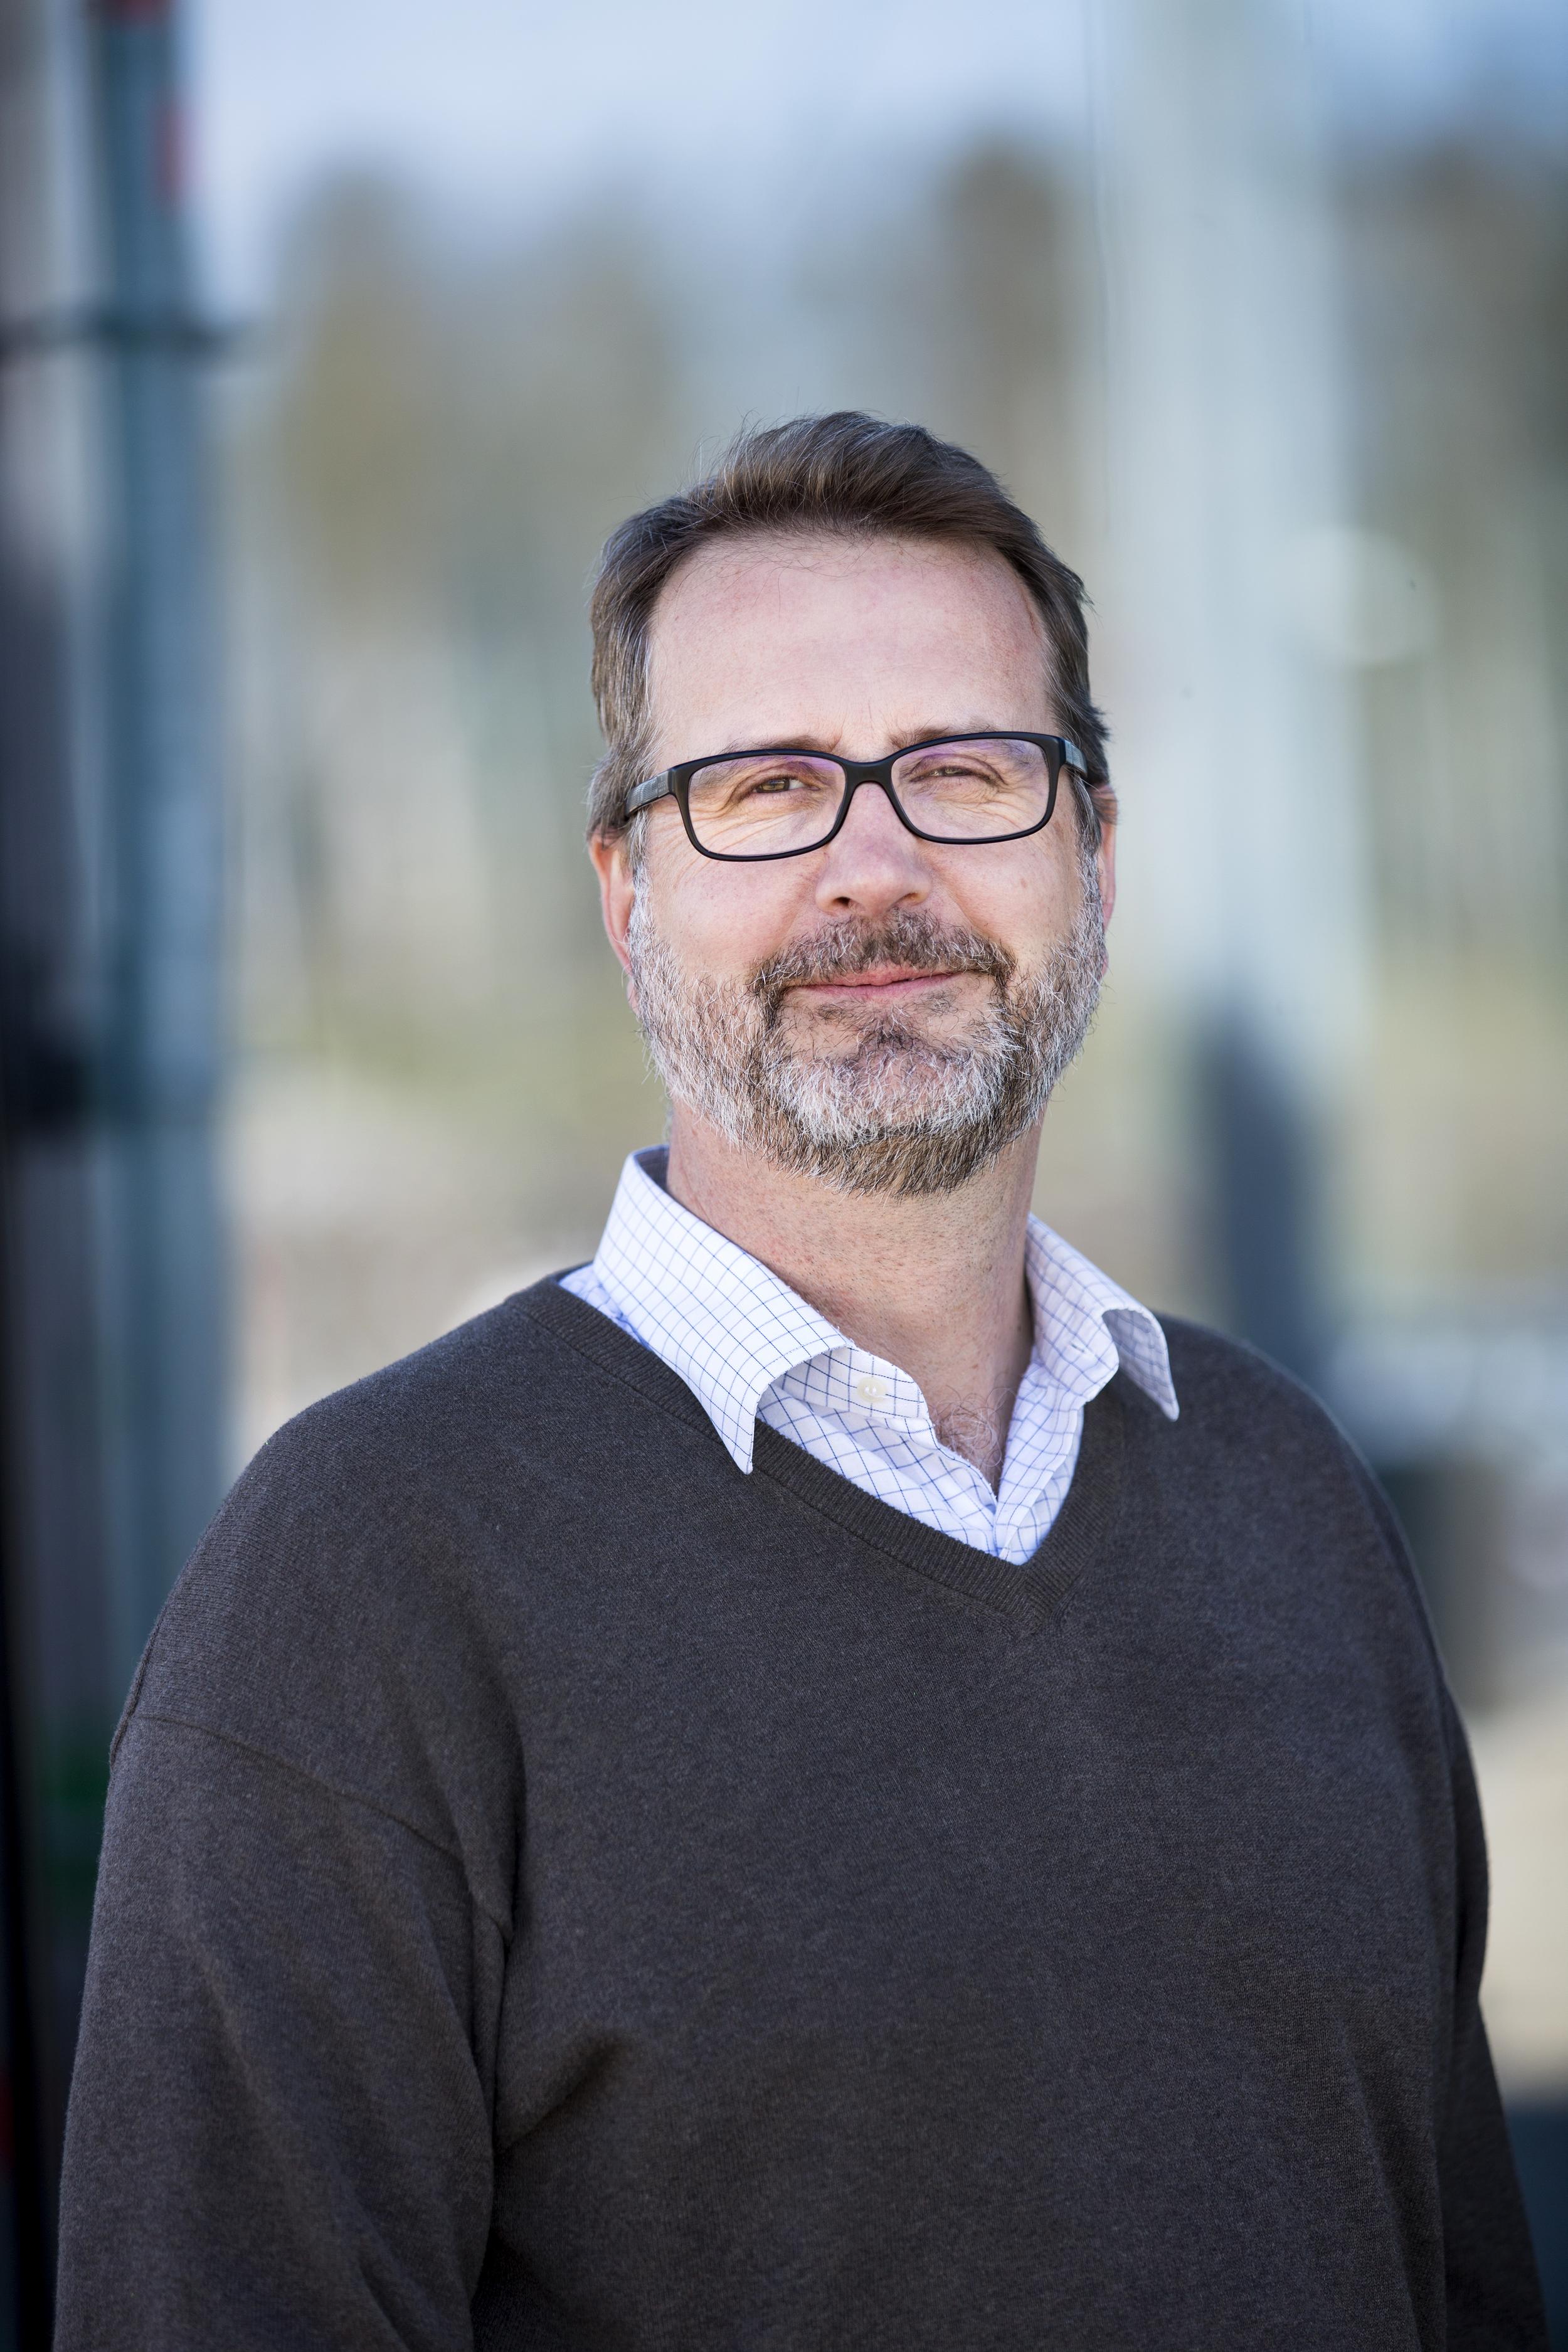 Martin White, CEO